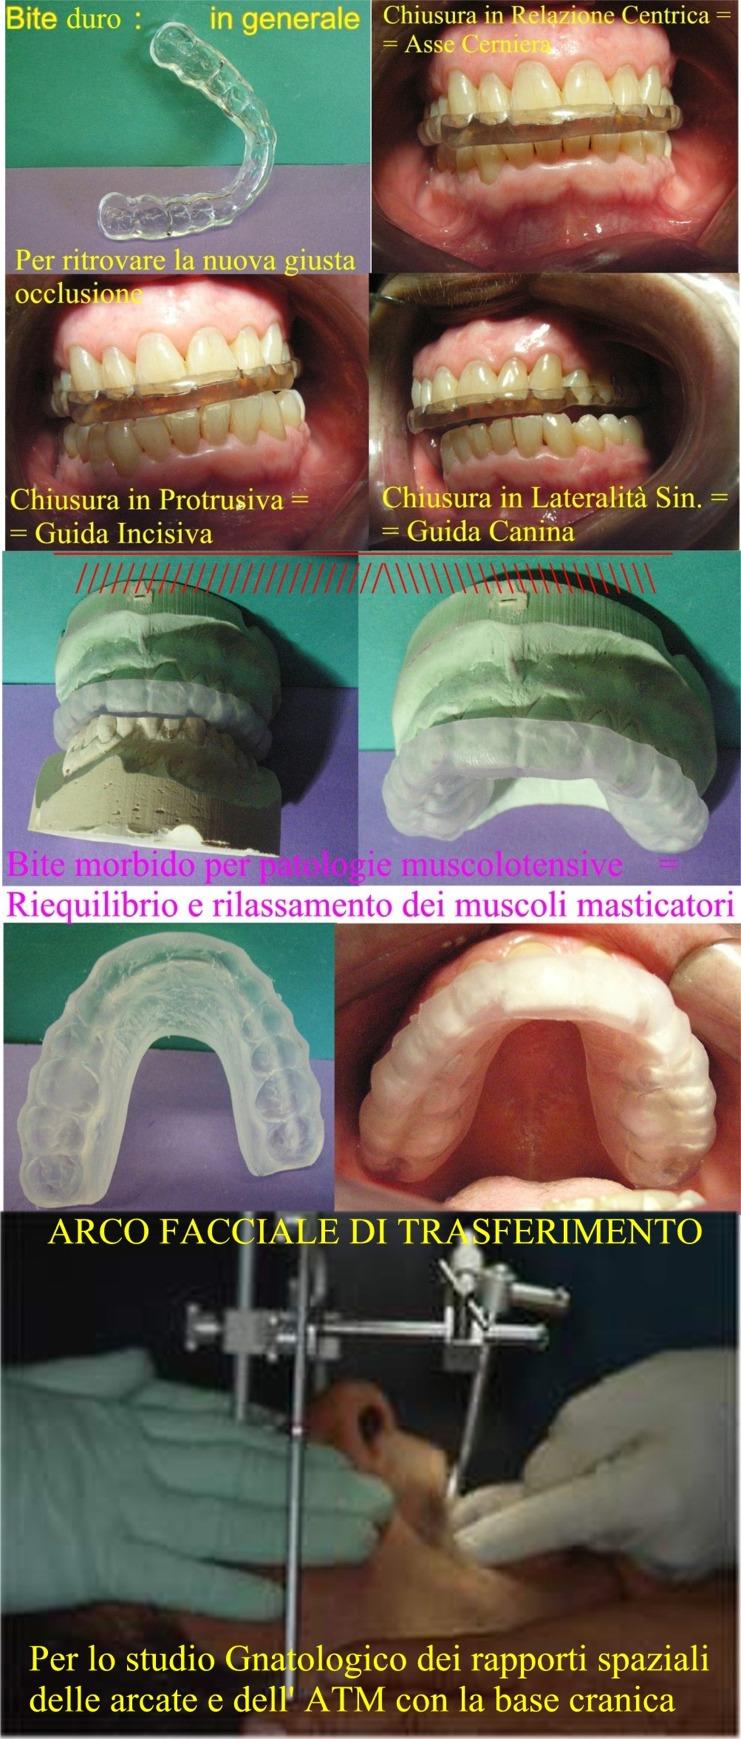 Diversi tipi di Bite e Arco facciale di Trasferimento per visita Gnatologica Seria. Da casistica del Dr. Gustavo Petti e Dr.ssa Claudia Petti di Cagliari